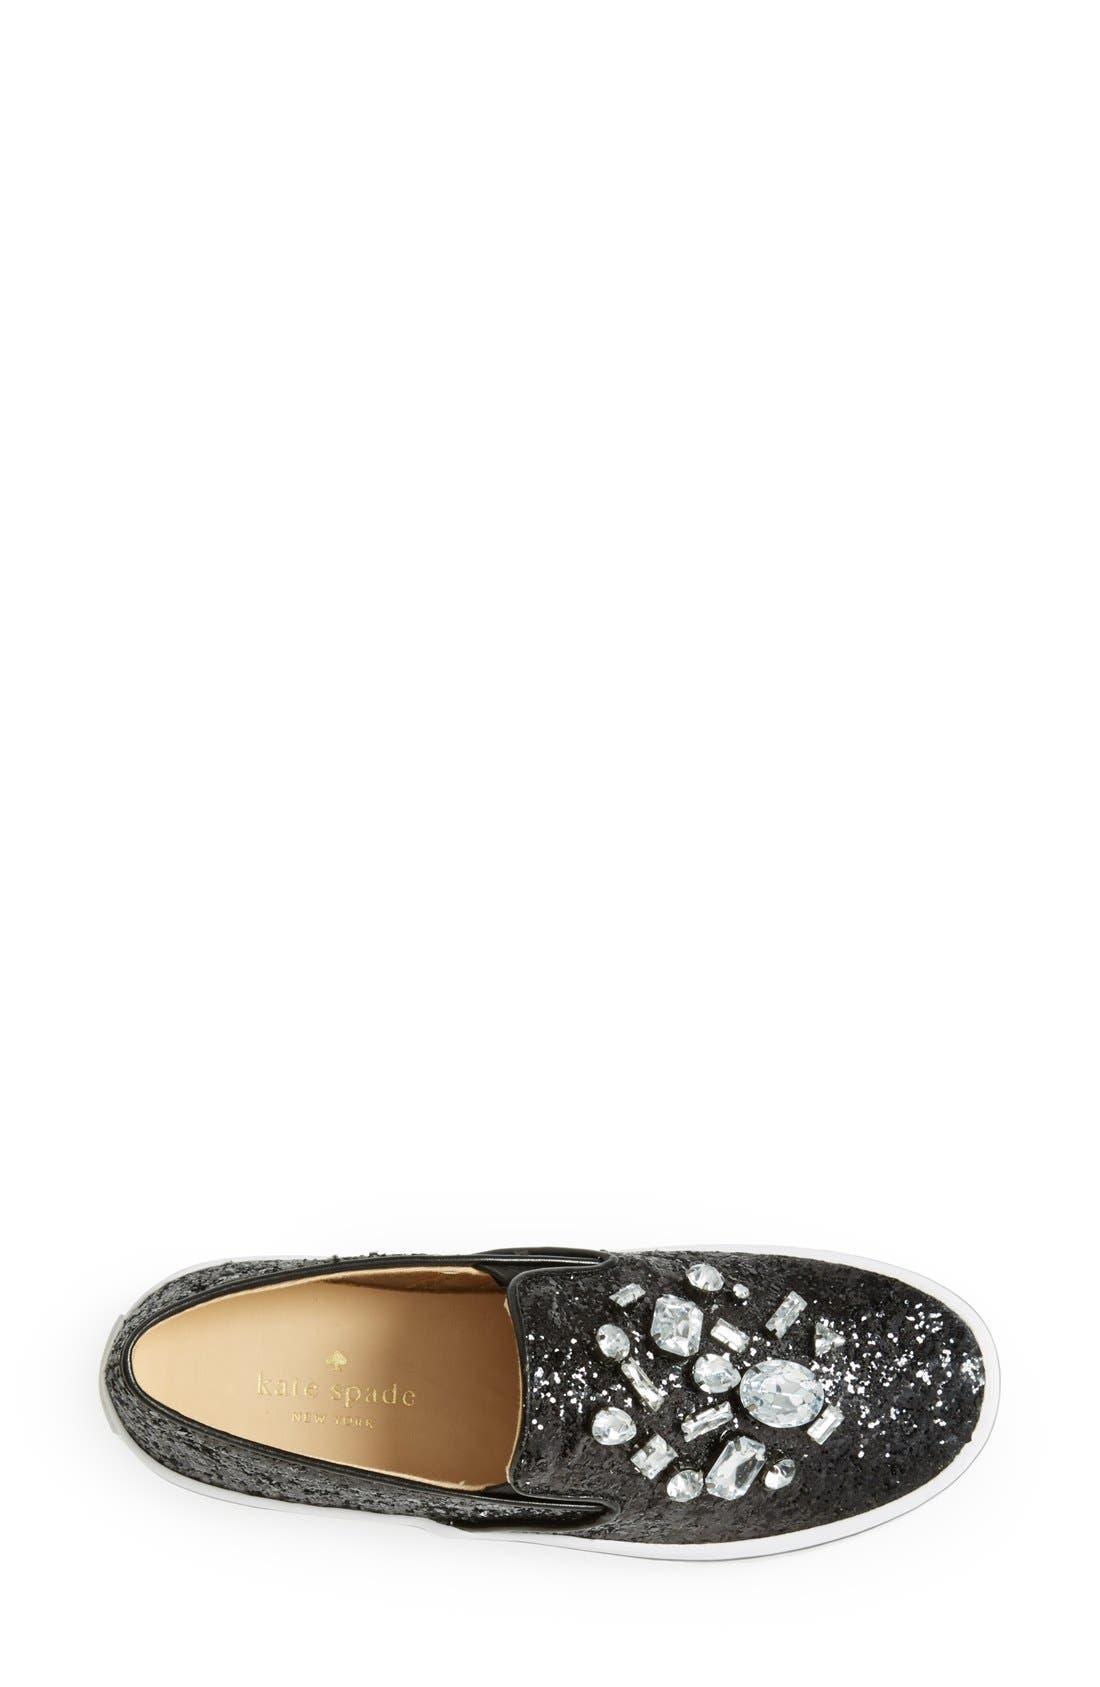 Alternate Image 3  - kate spade new york 'slater' slip-on sneaker (Women)